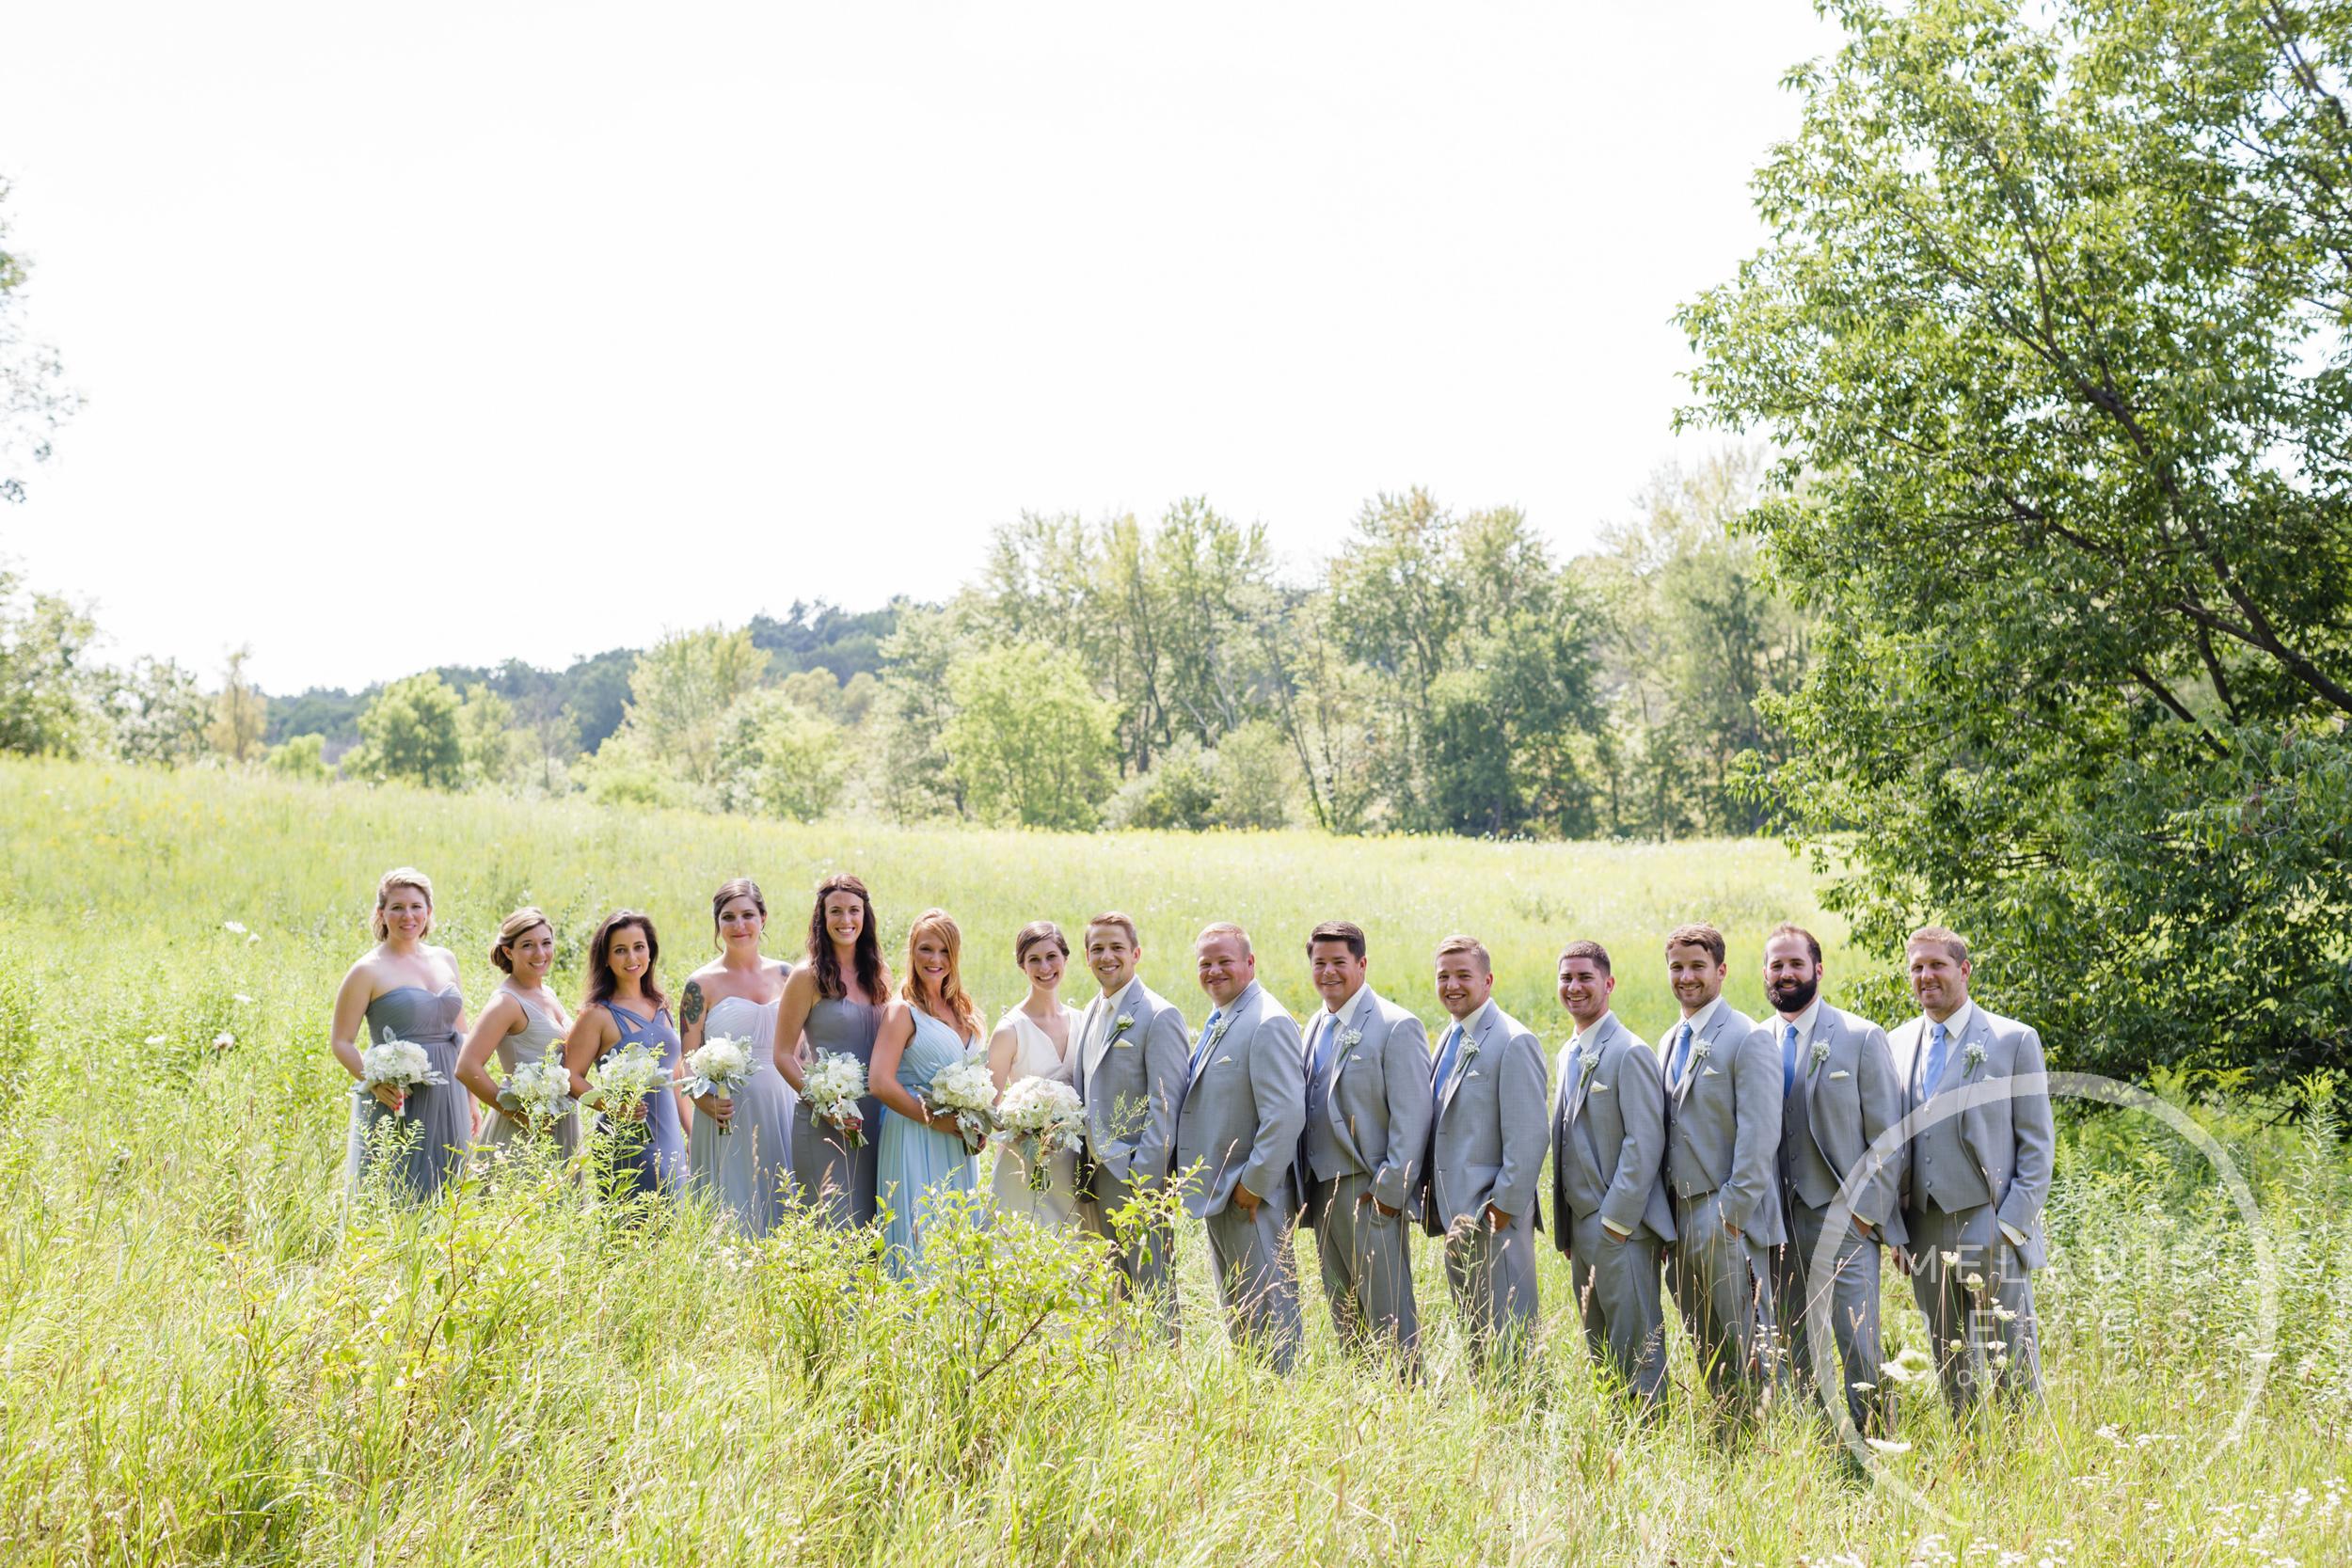 016_farm_wedding_melanie_reyes.JPG